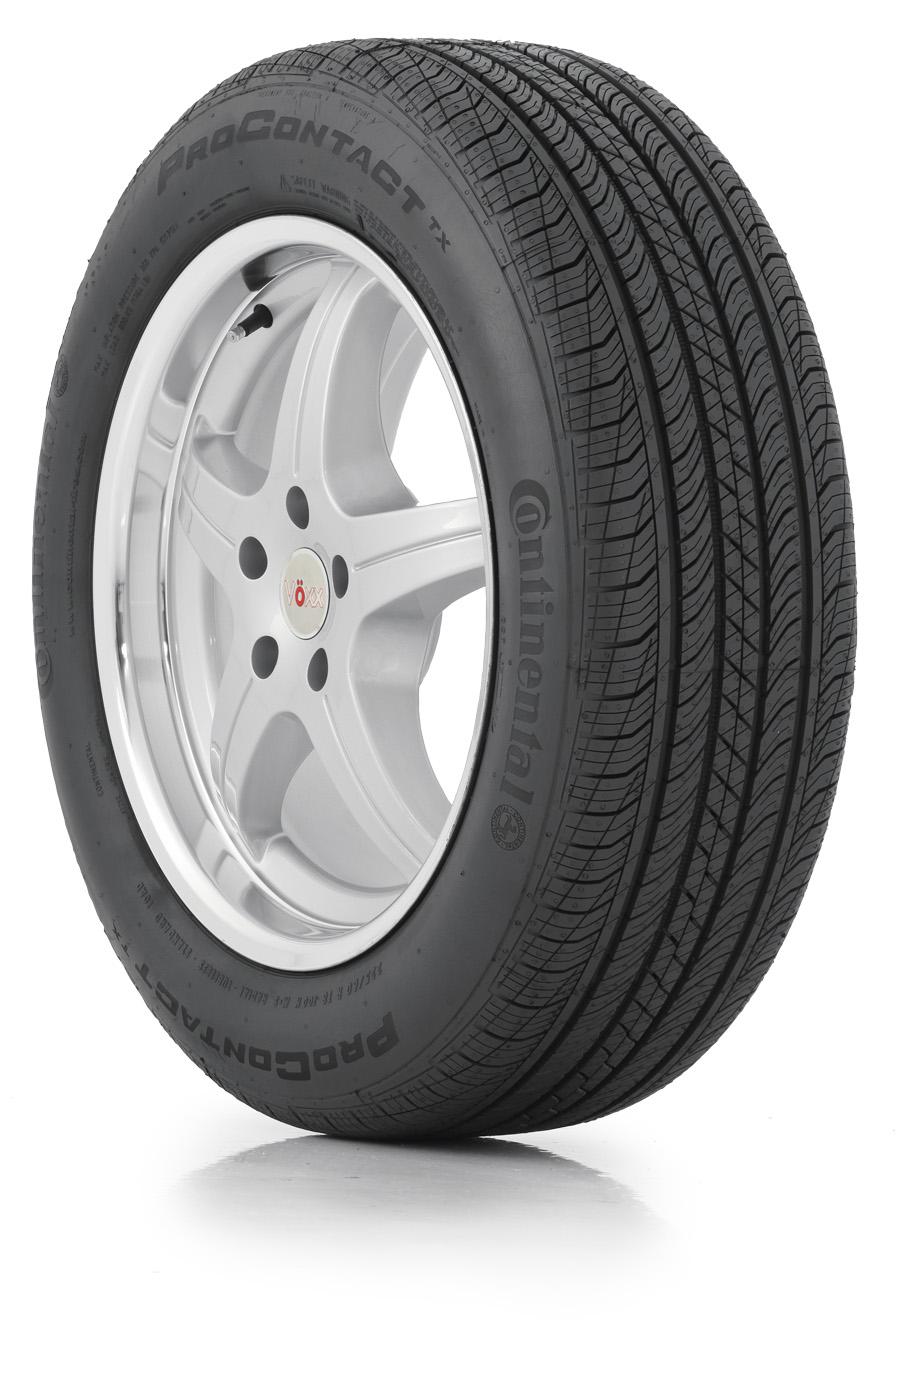 Continental Procontact Tx Town Fair Tire